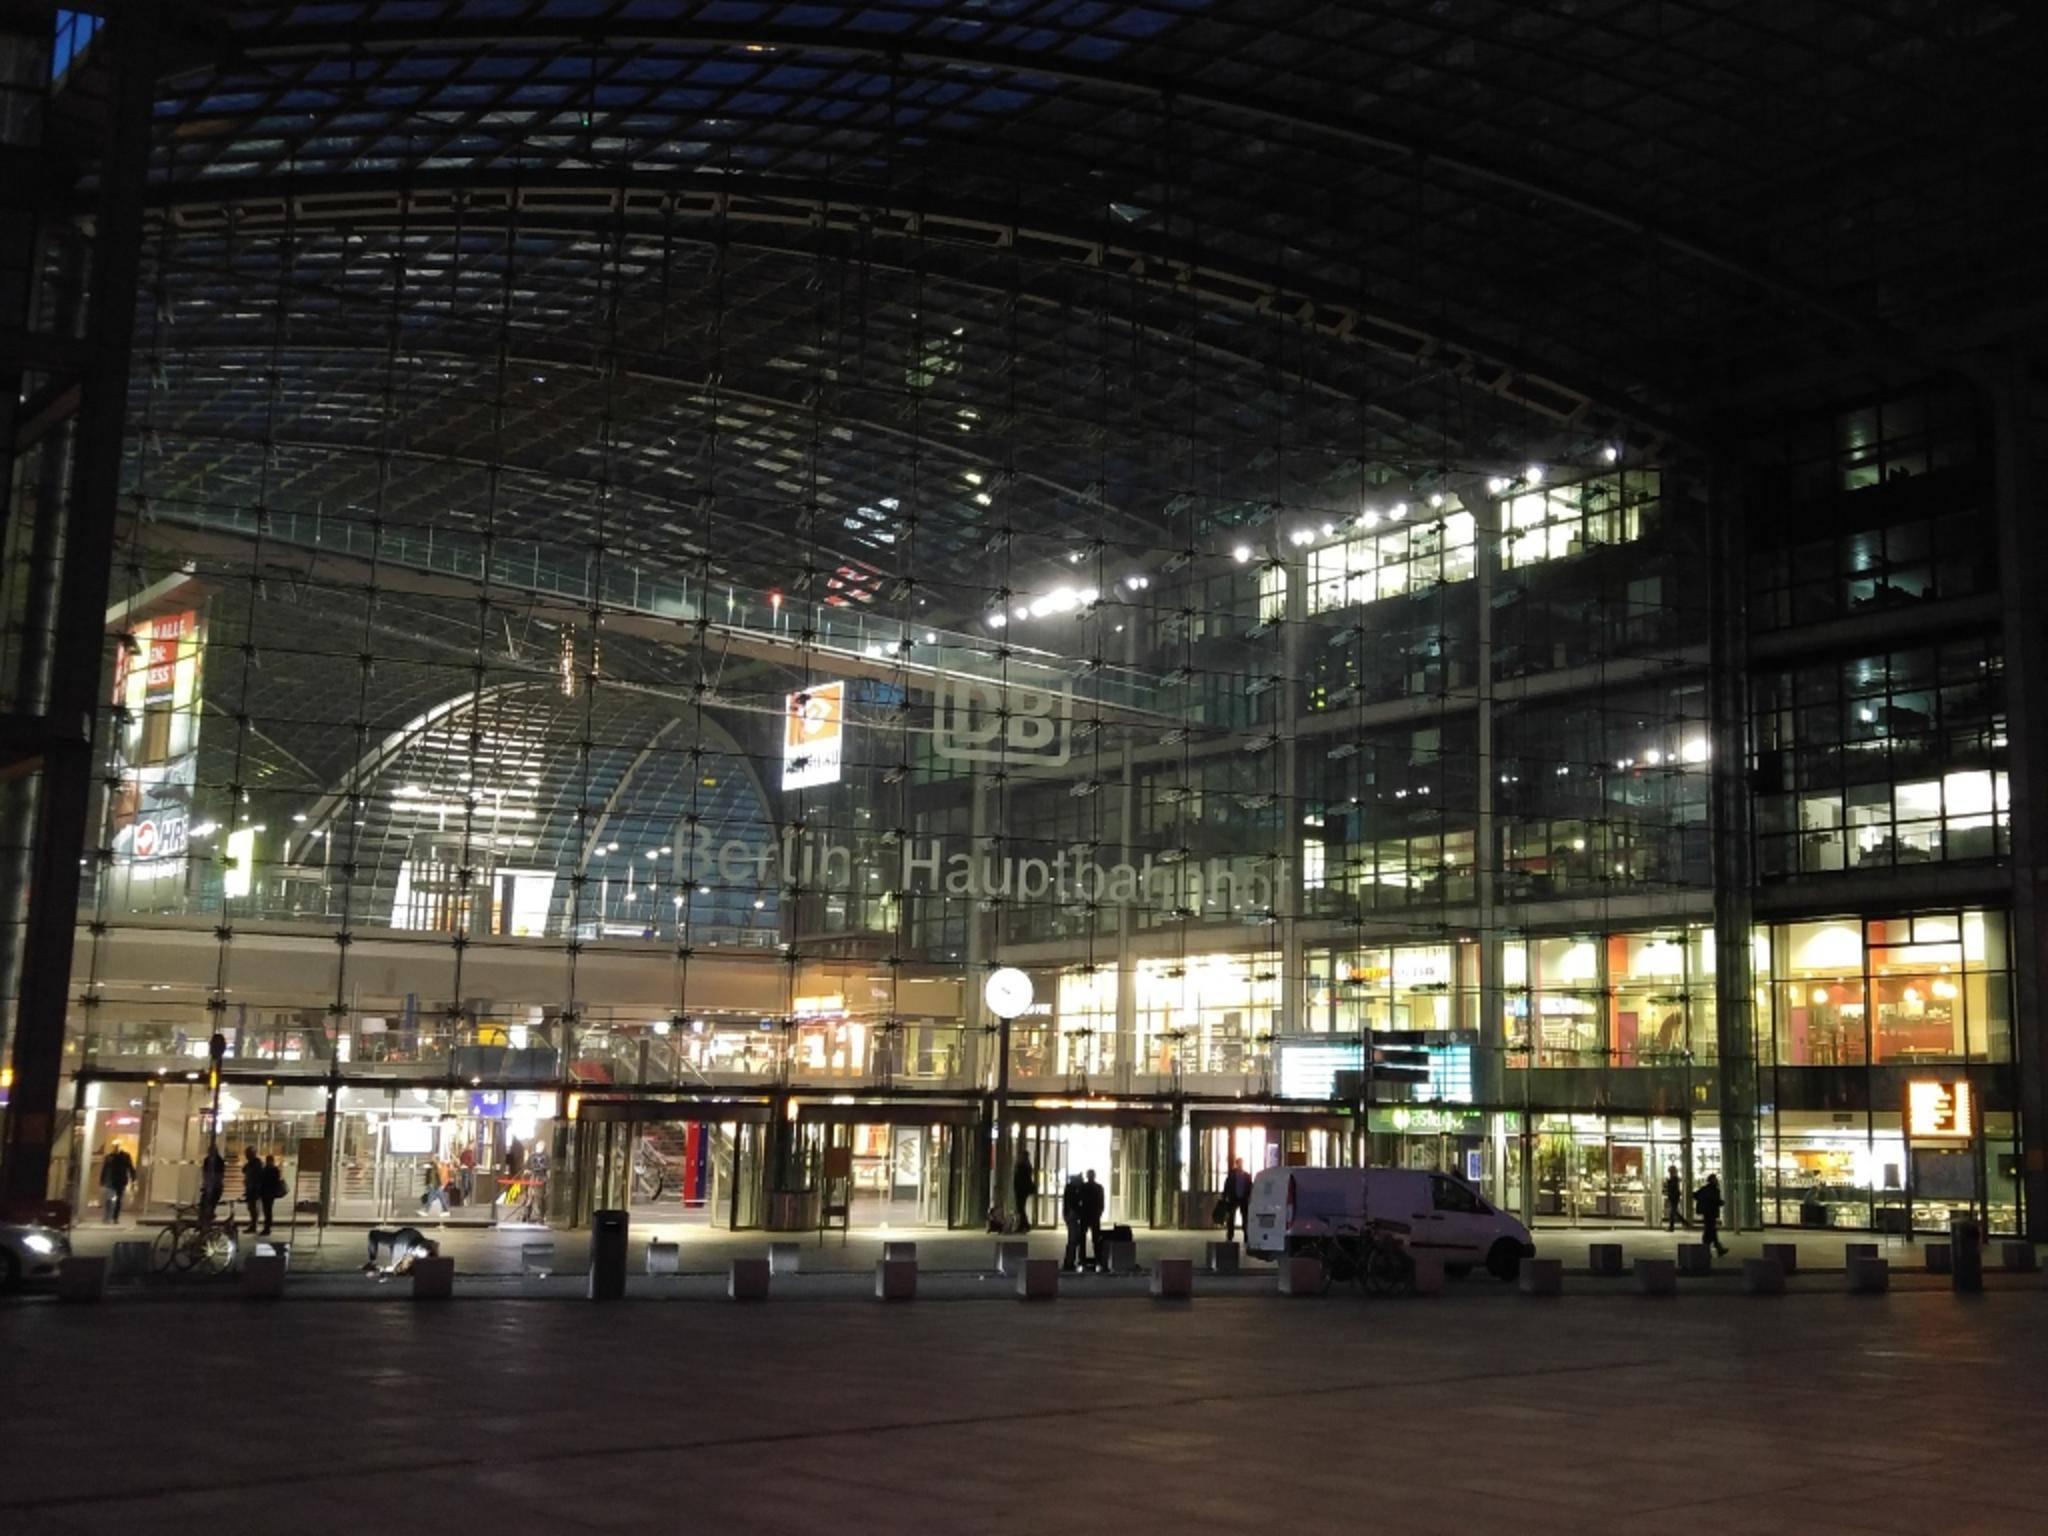 Der Berliner Hauptbahnhof am späten Abend.